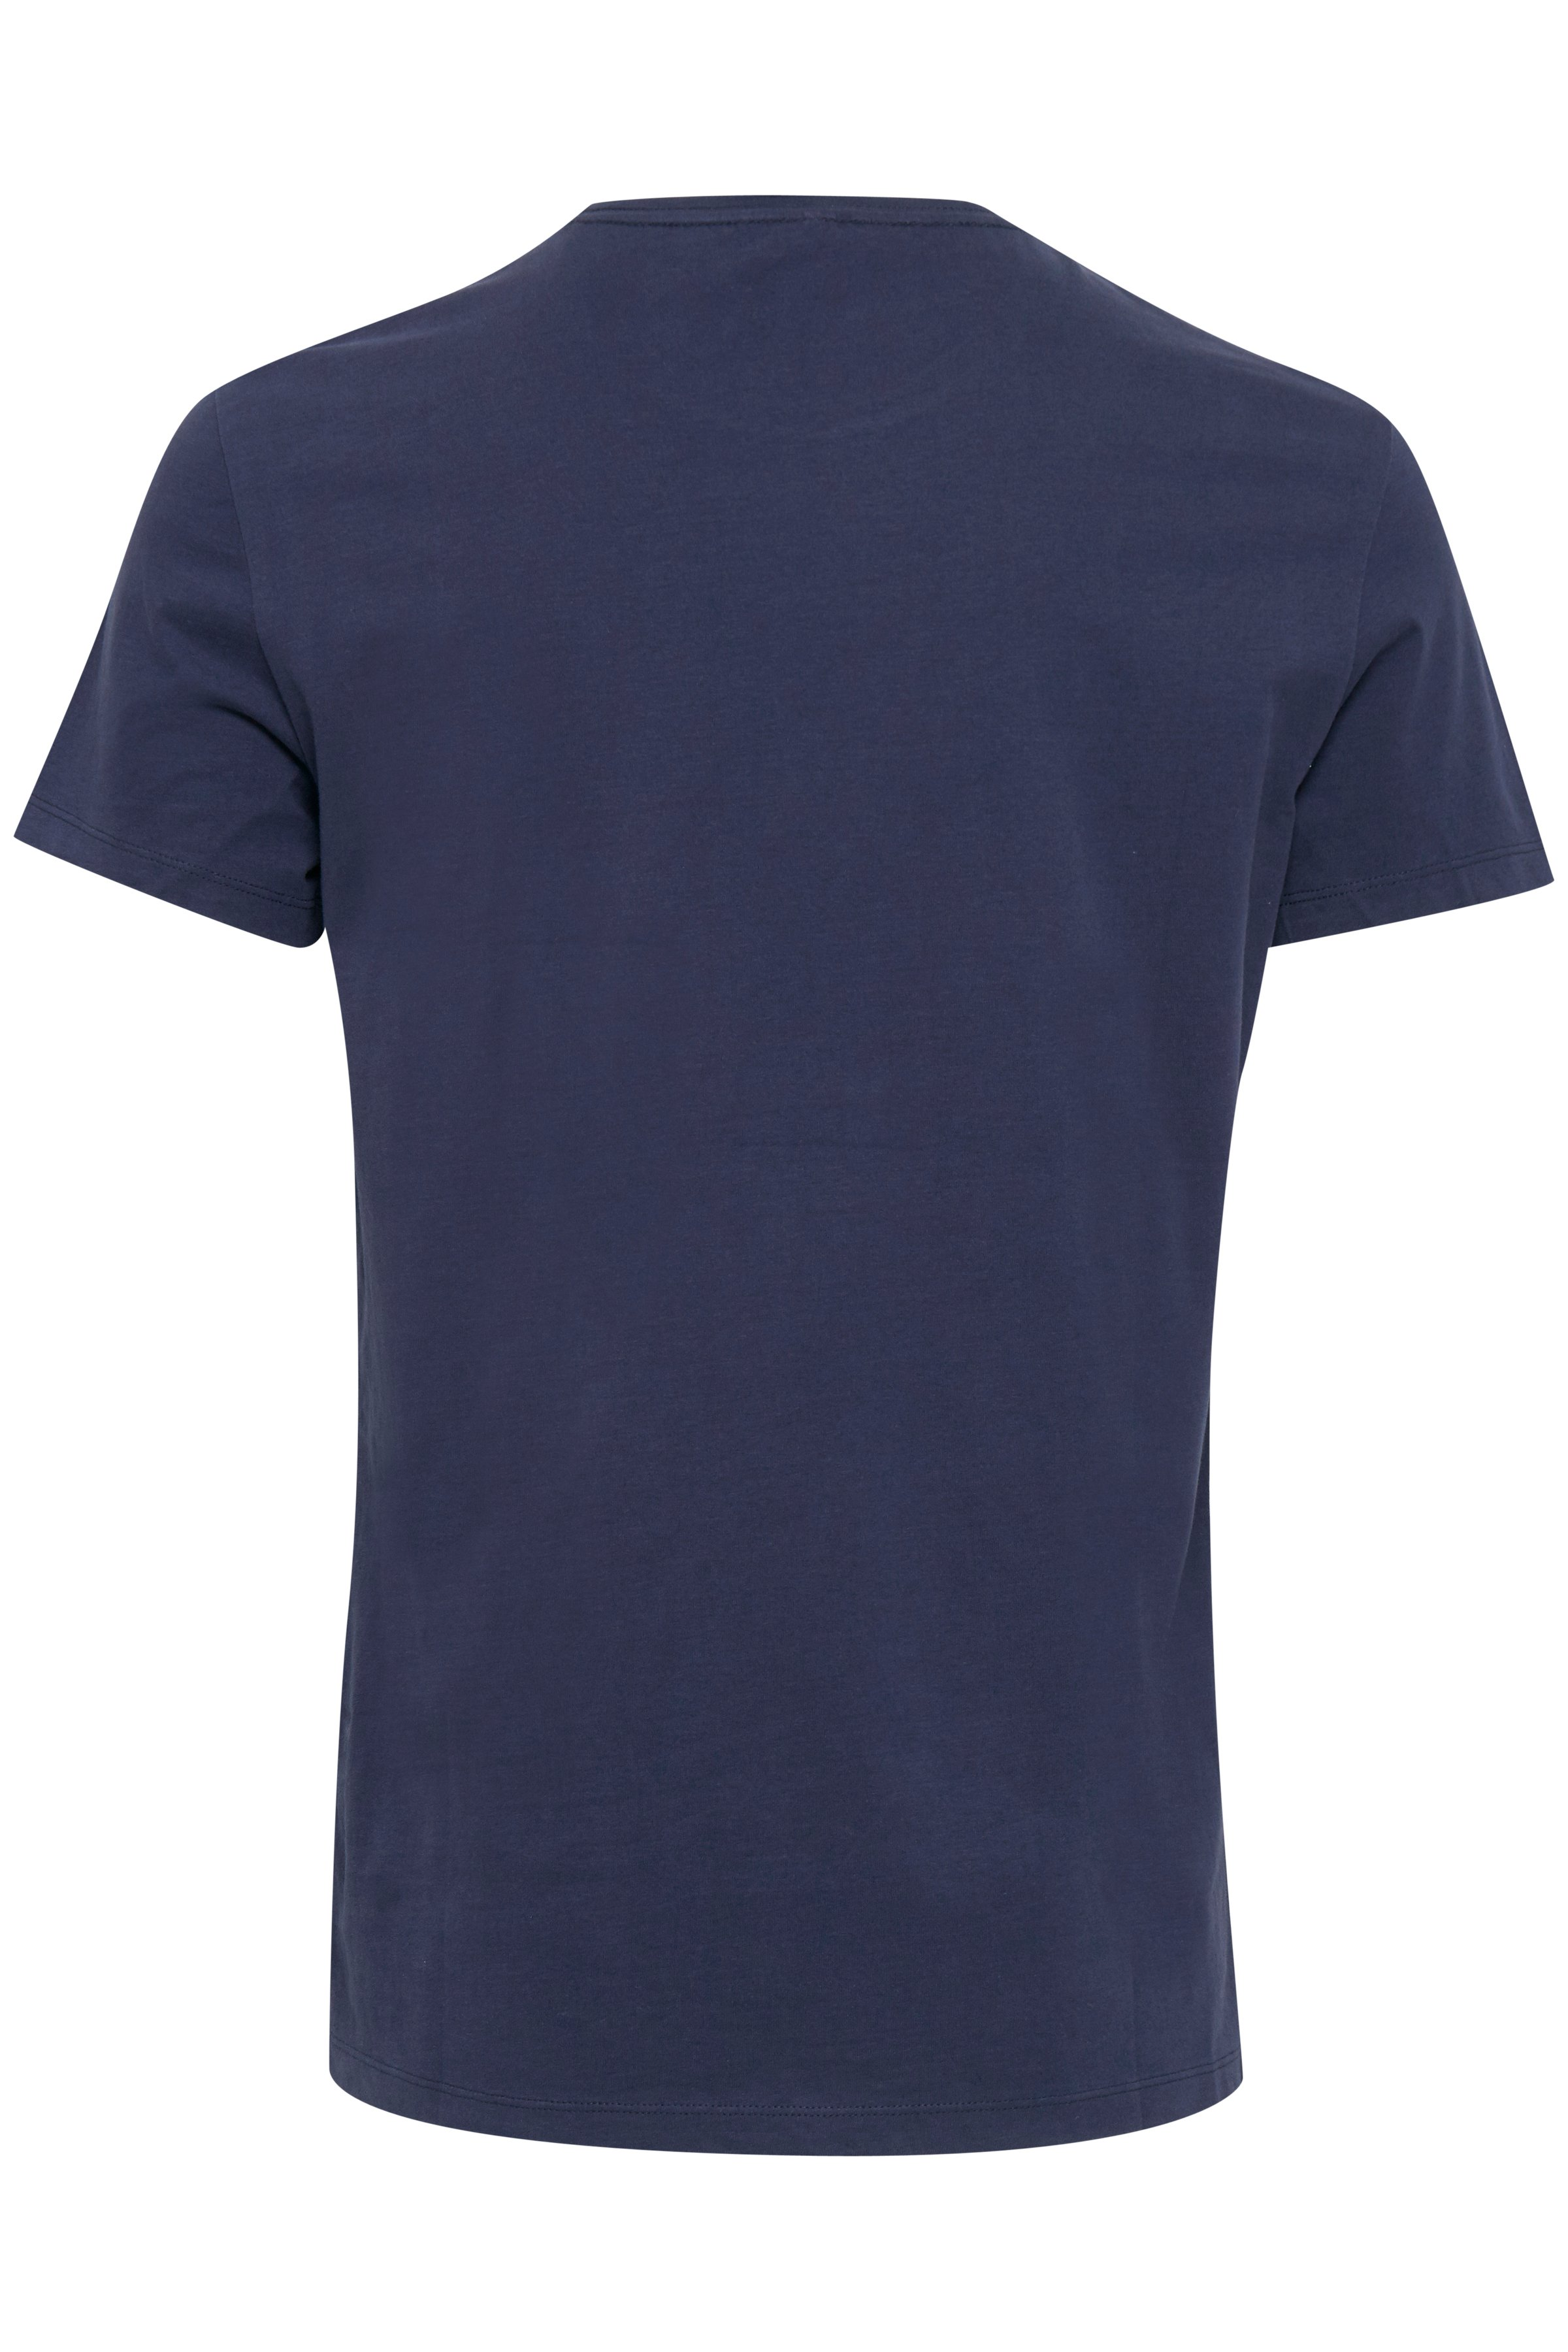 Peacoat Blue T-shirt – Køb Peacoat Blue T-shirt fra str. S-XXL her